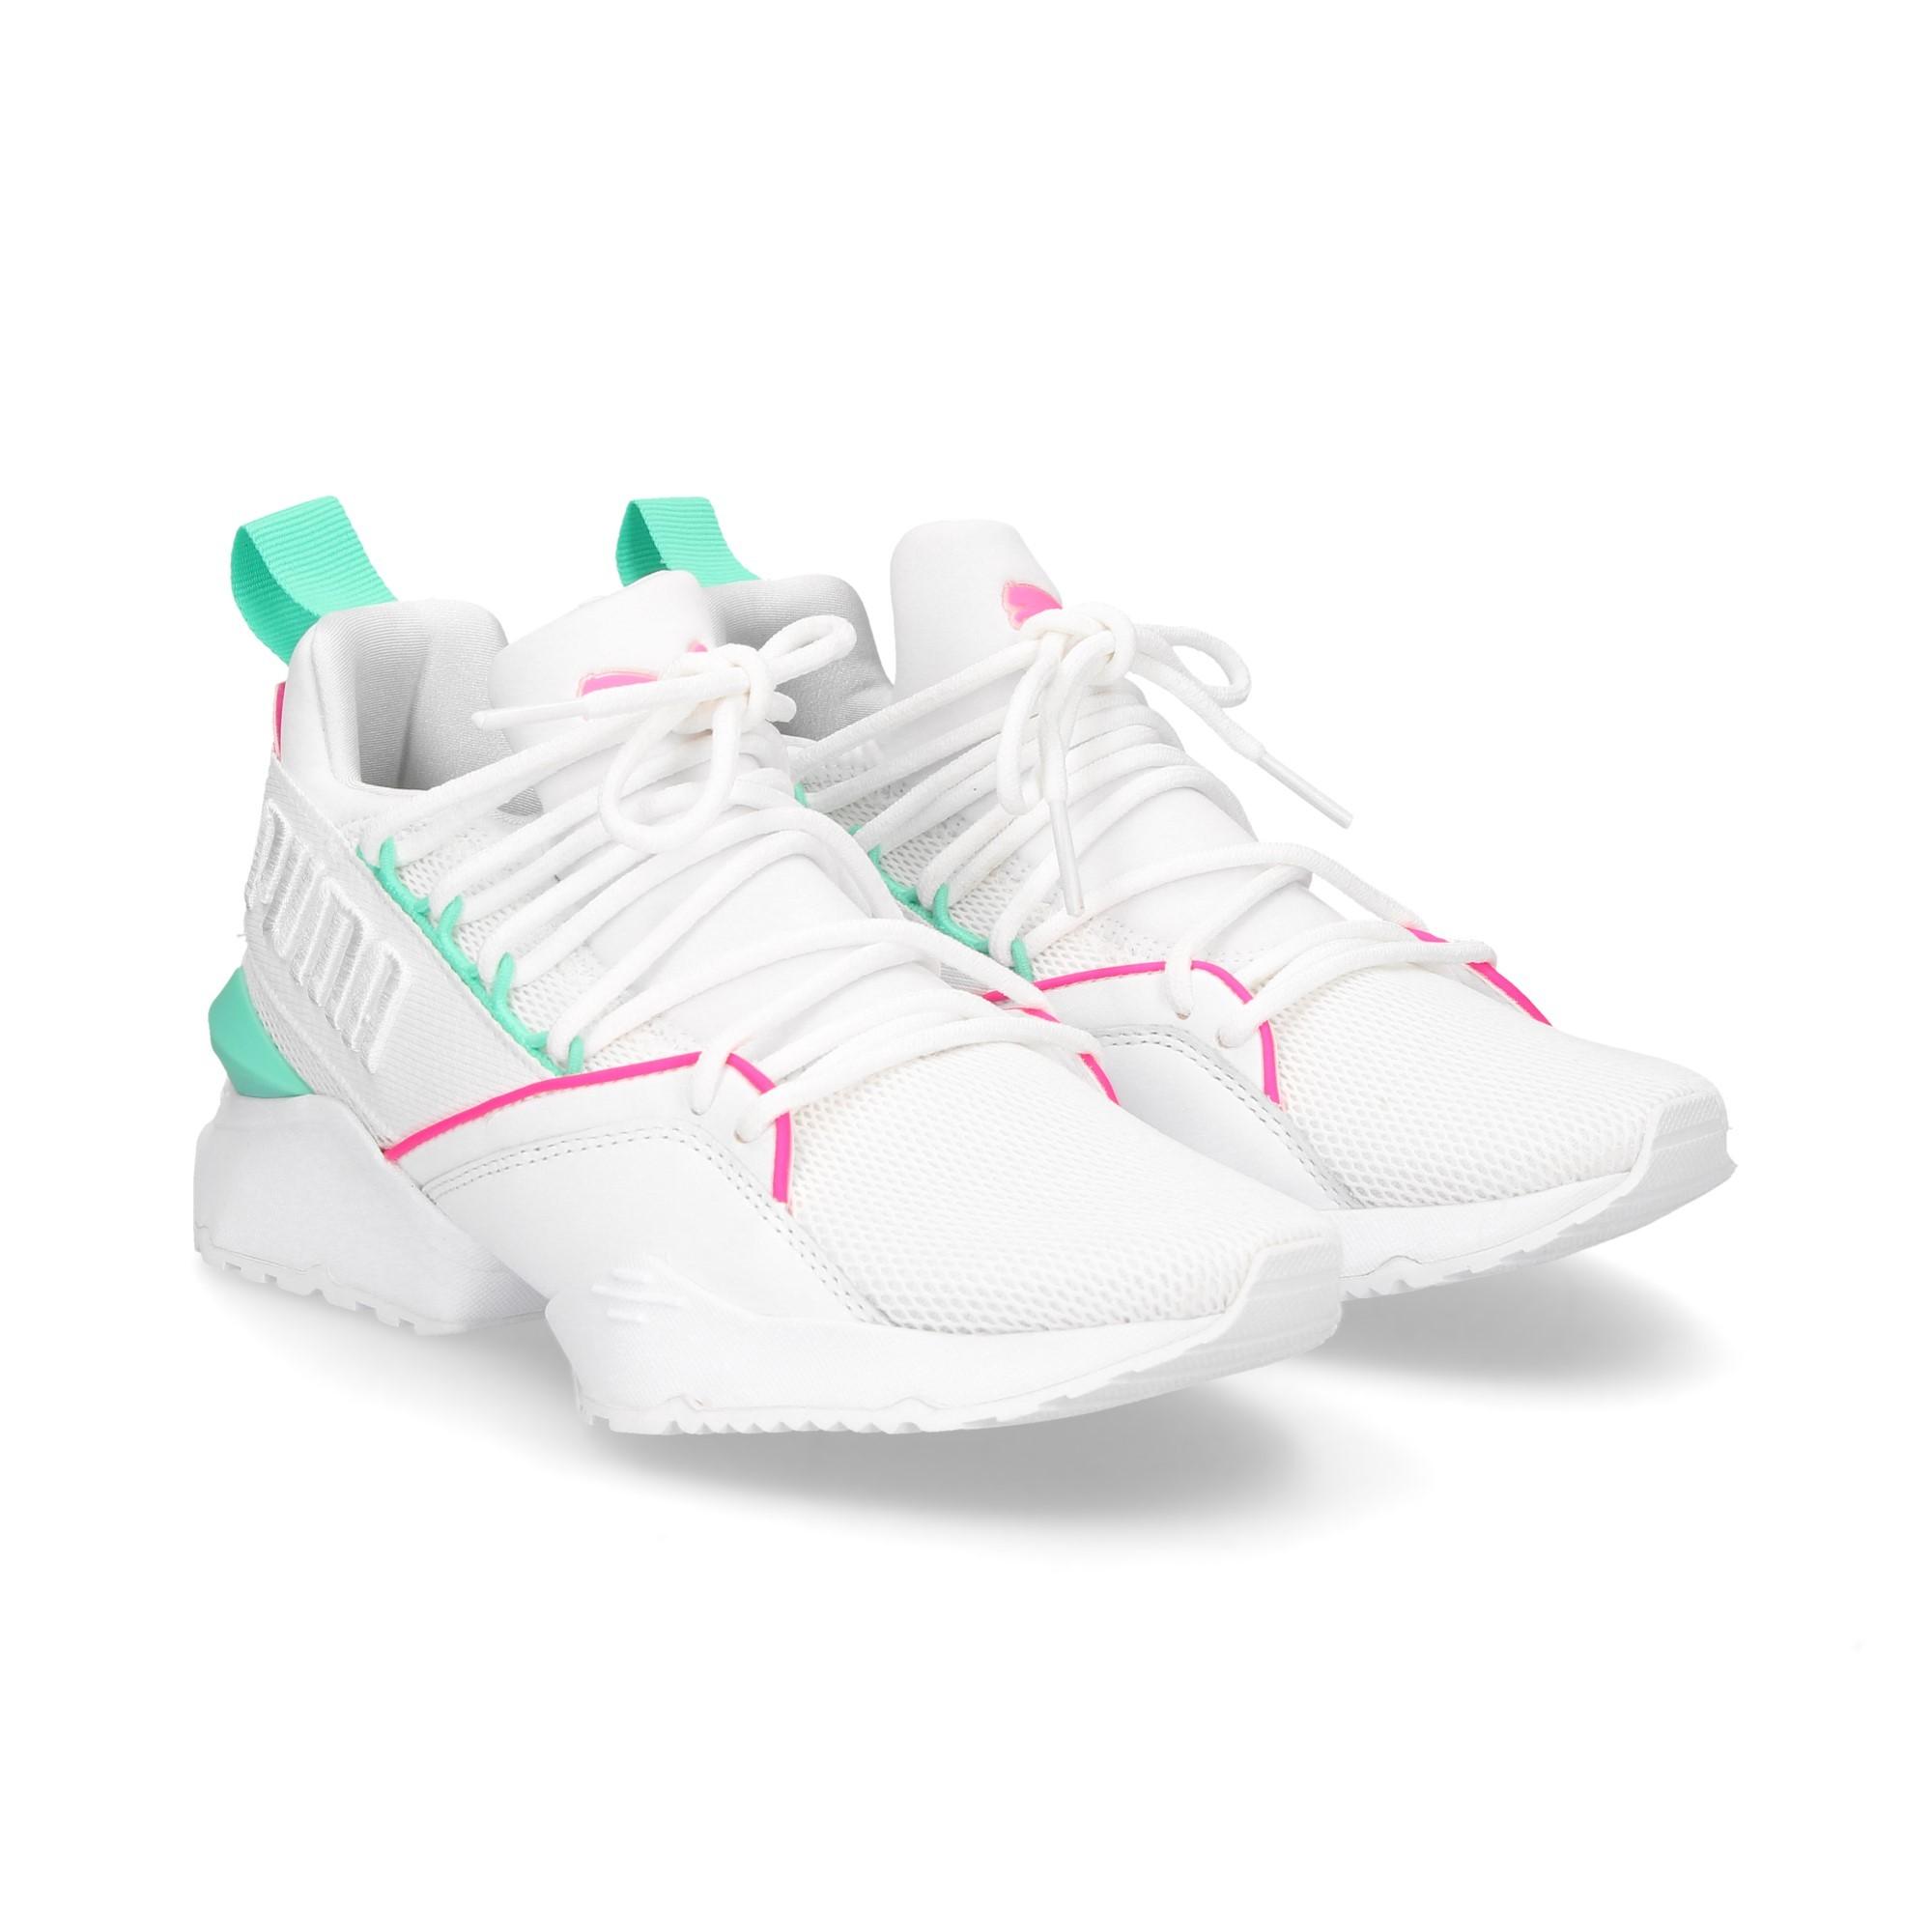 PUMA Chaussures de sport pour femmes 367355 02 BLANCO